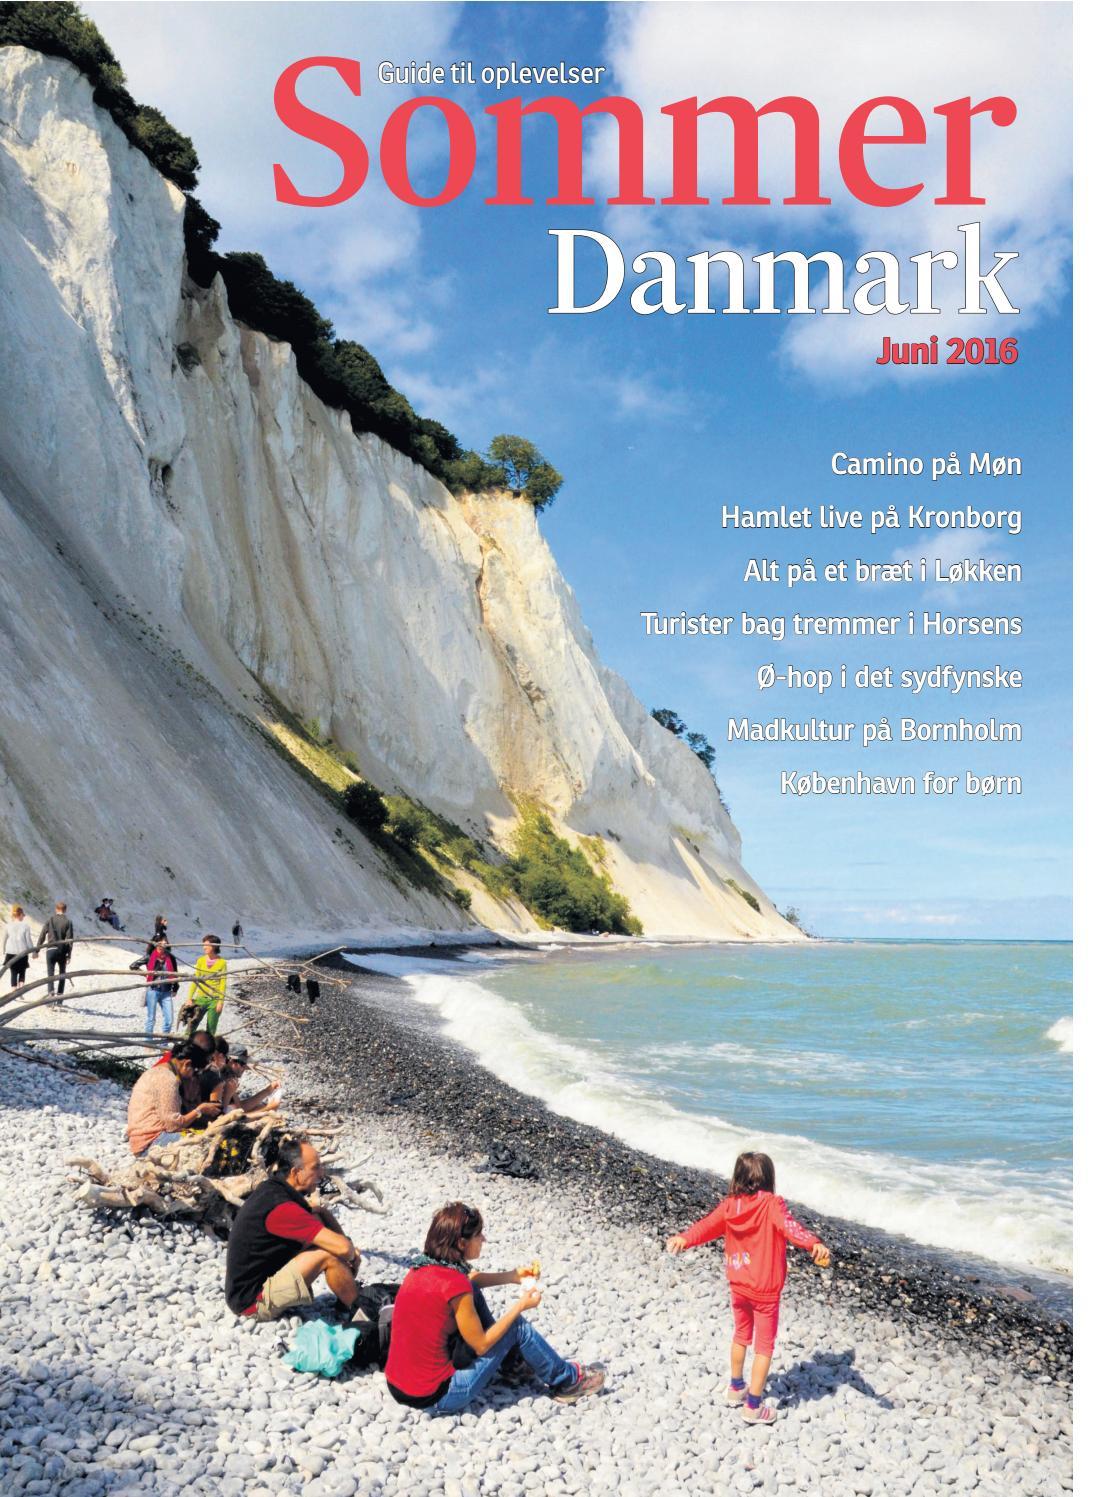 sommerland sjælland adresse hale bog